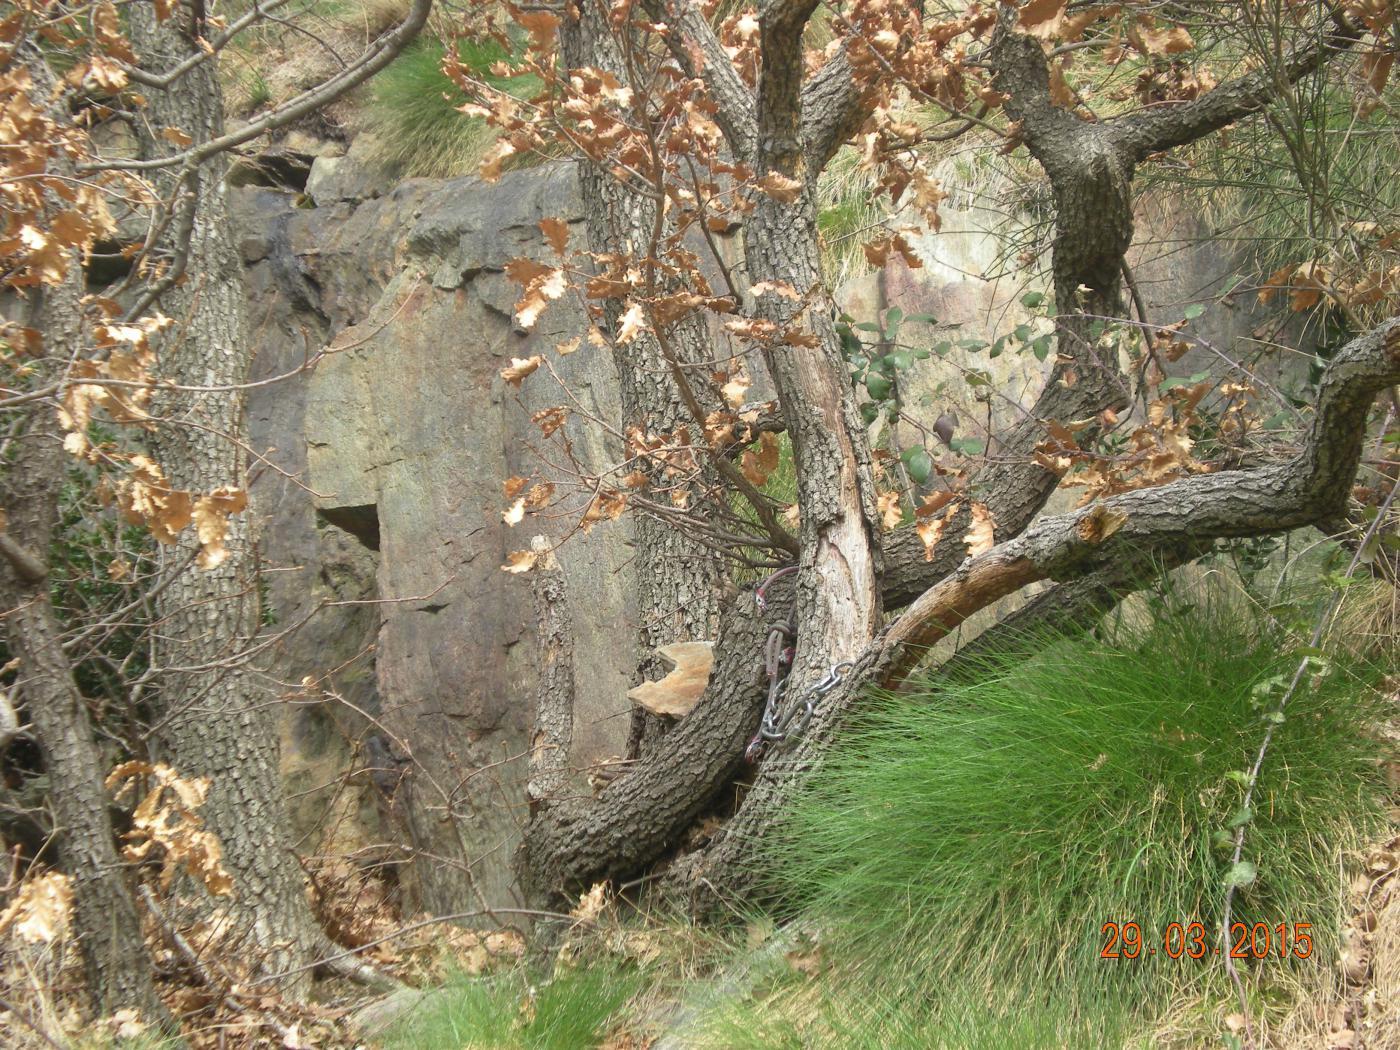 la sosta con catena su albero al quarto tiro appartiene forse alla Diretta?